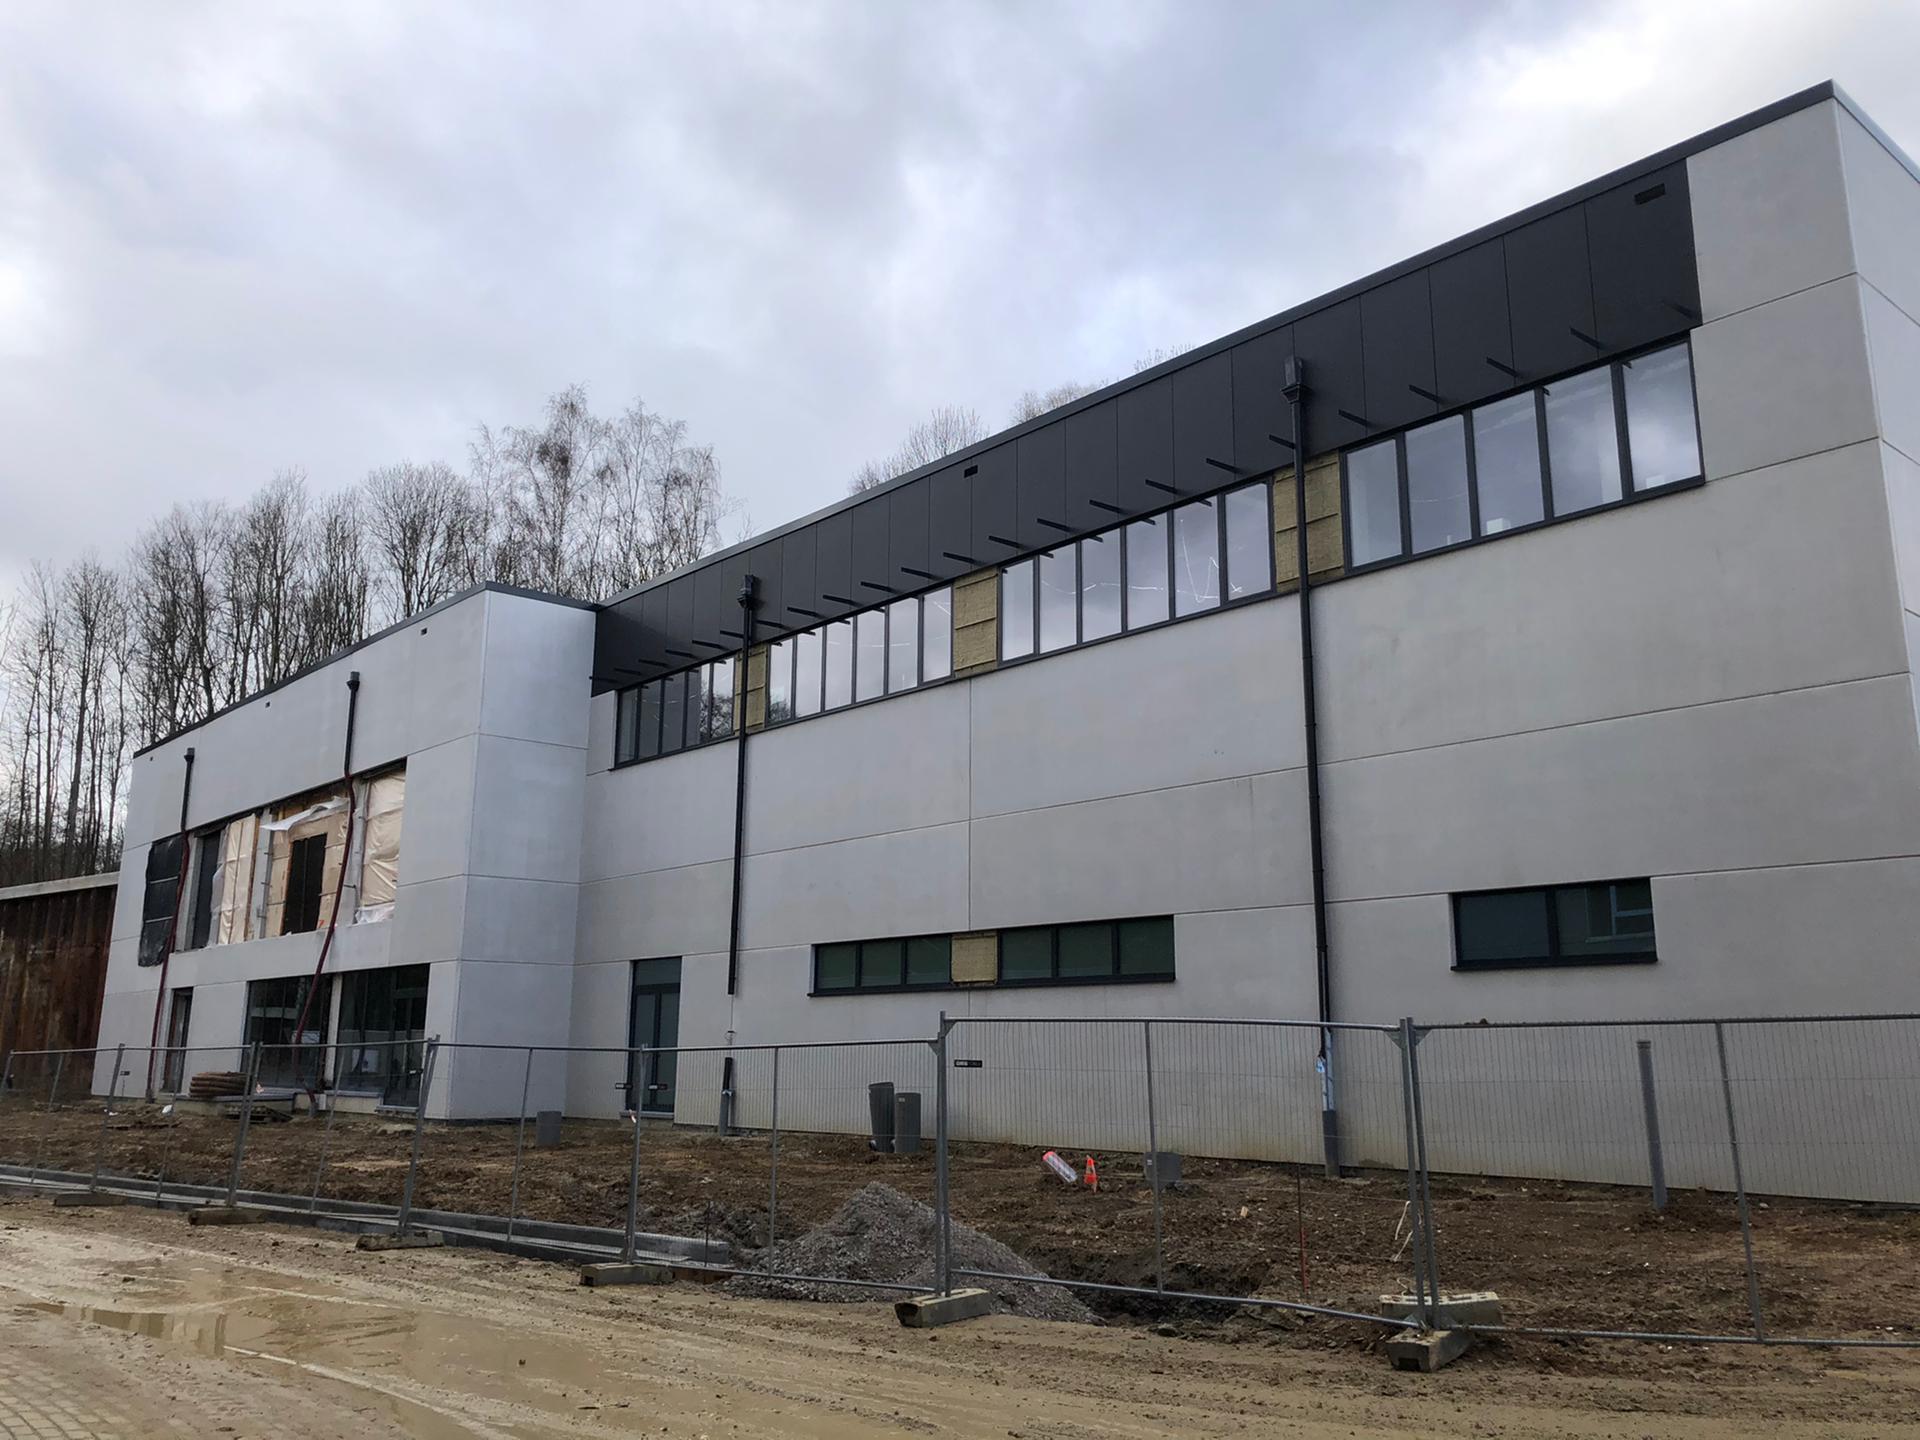 Blowerdoortest VUB Jette research gebouw